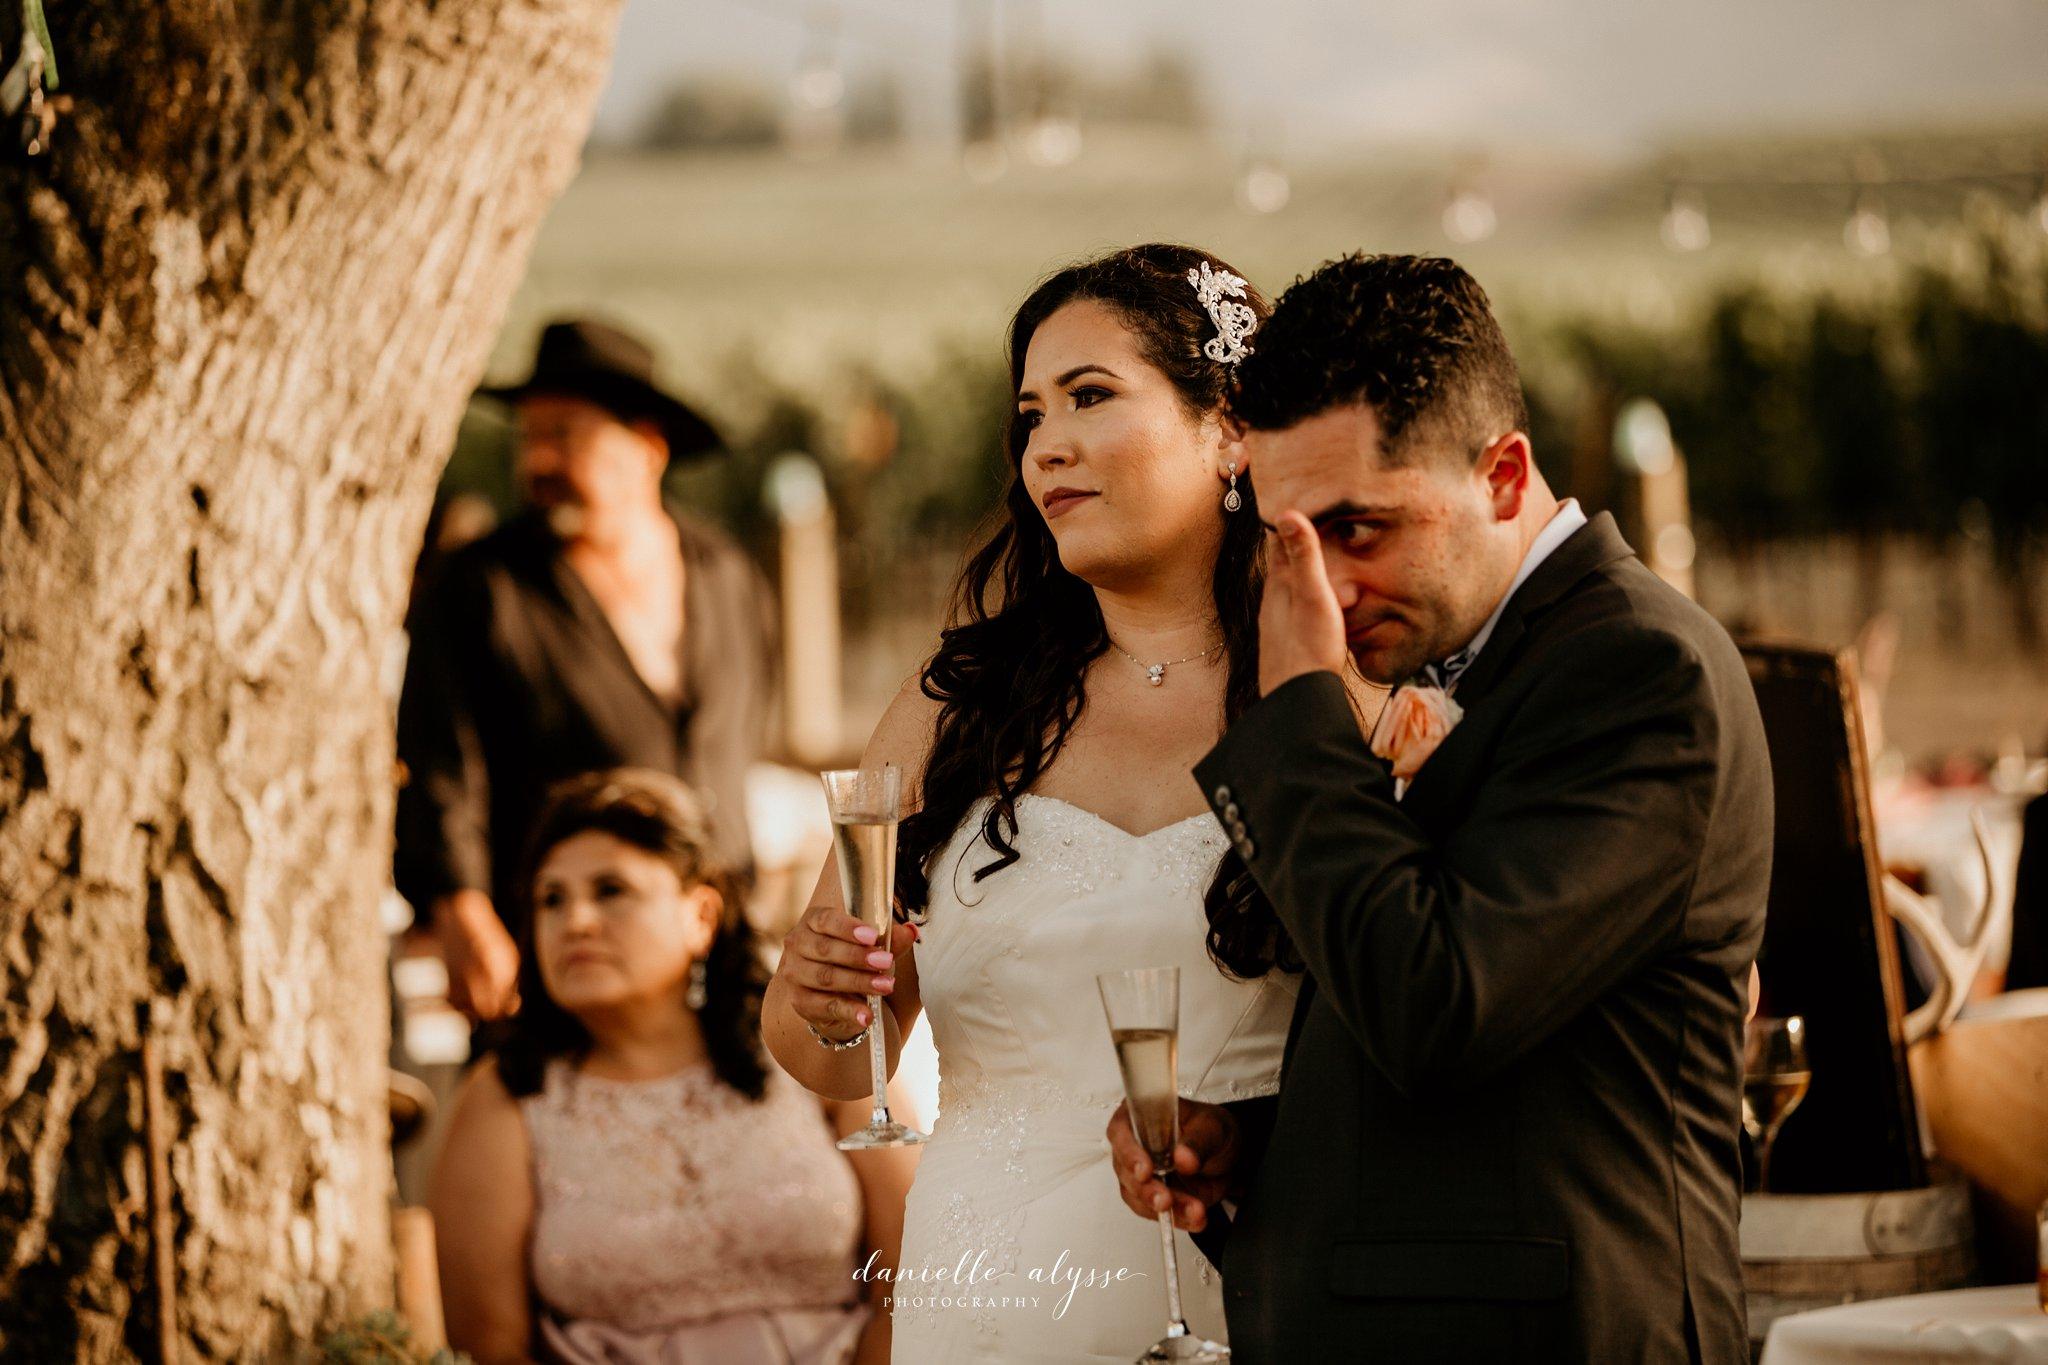 180630_wedding_lily_ryan_mission_soledad_california_danielle_alysse_photography_blog_1008_WEB.jpg